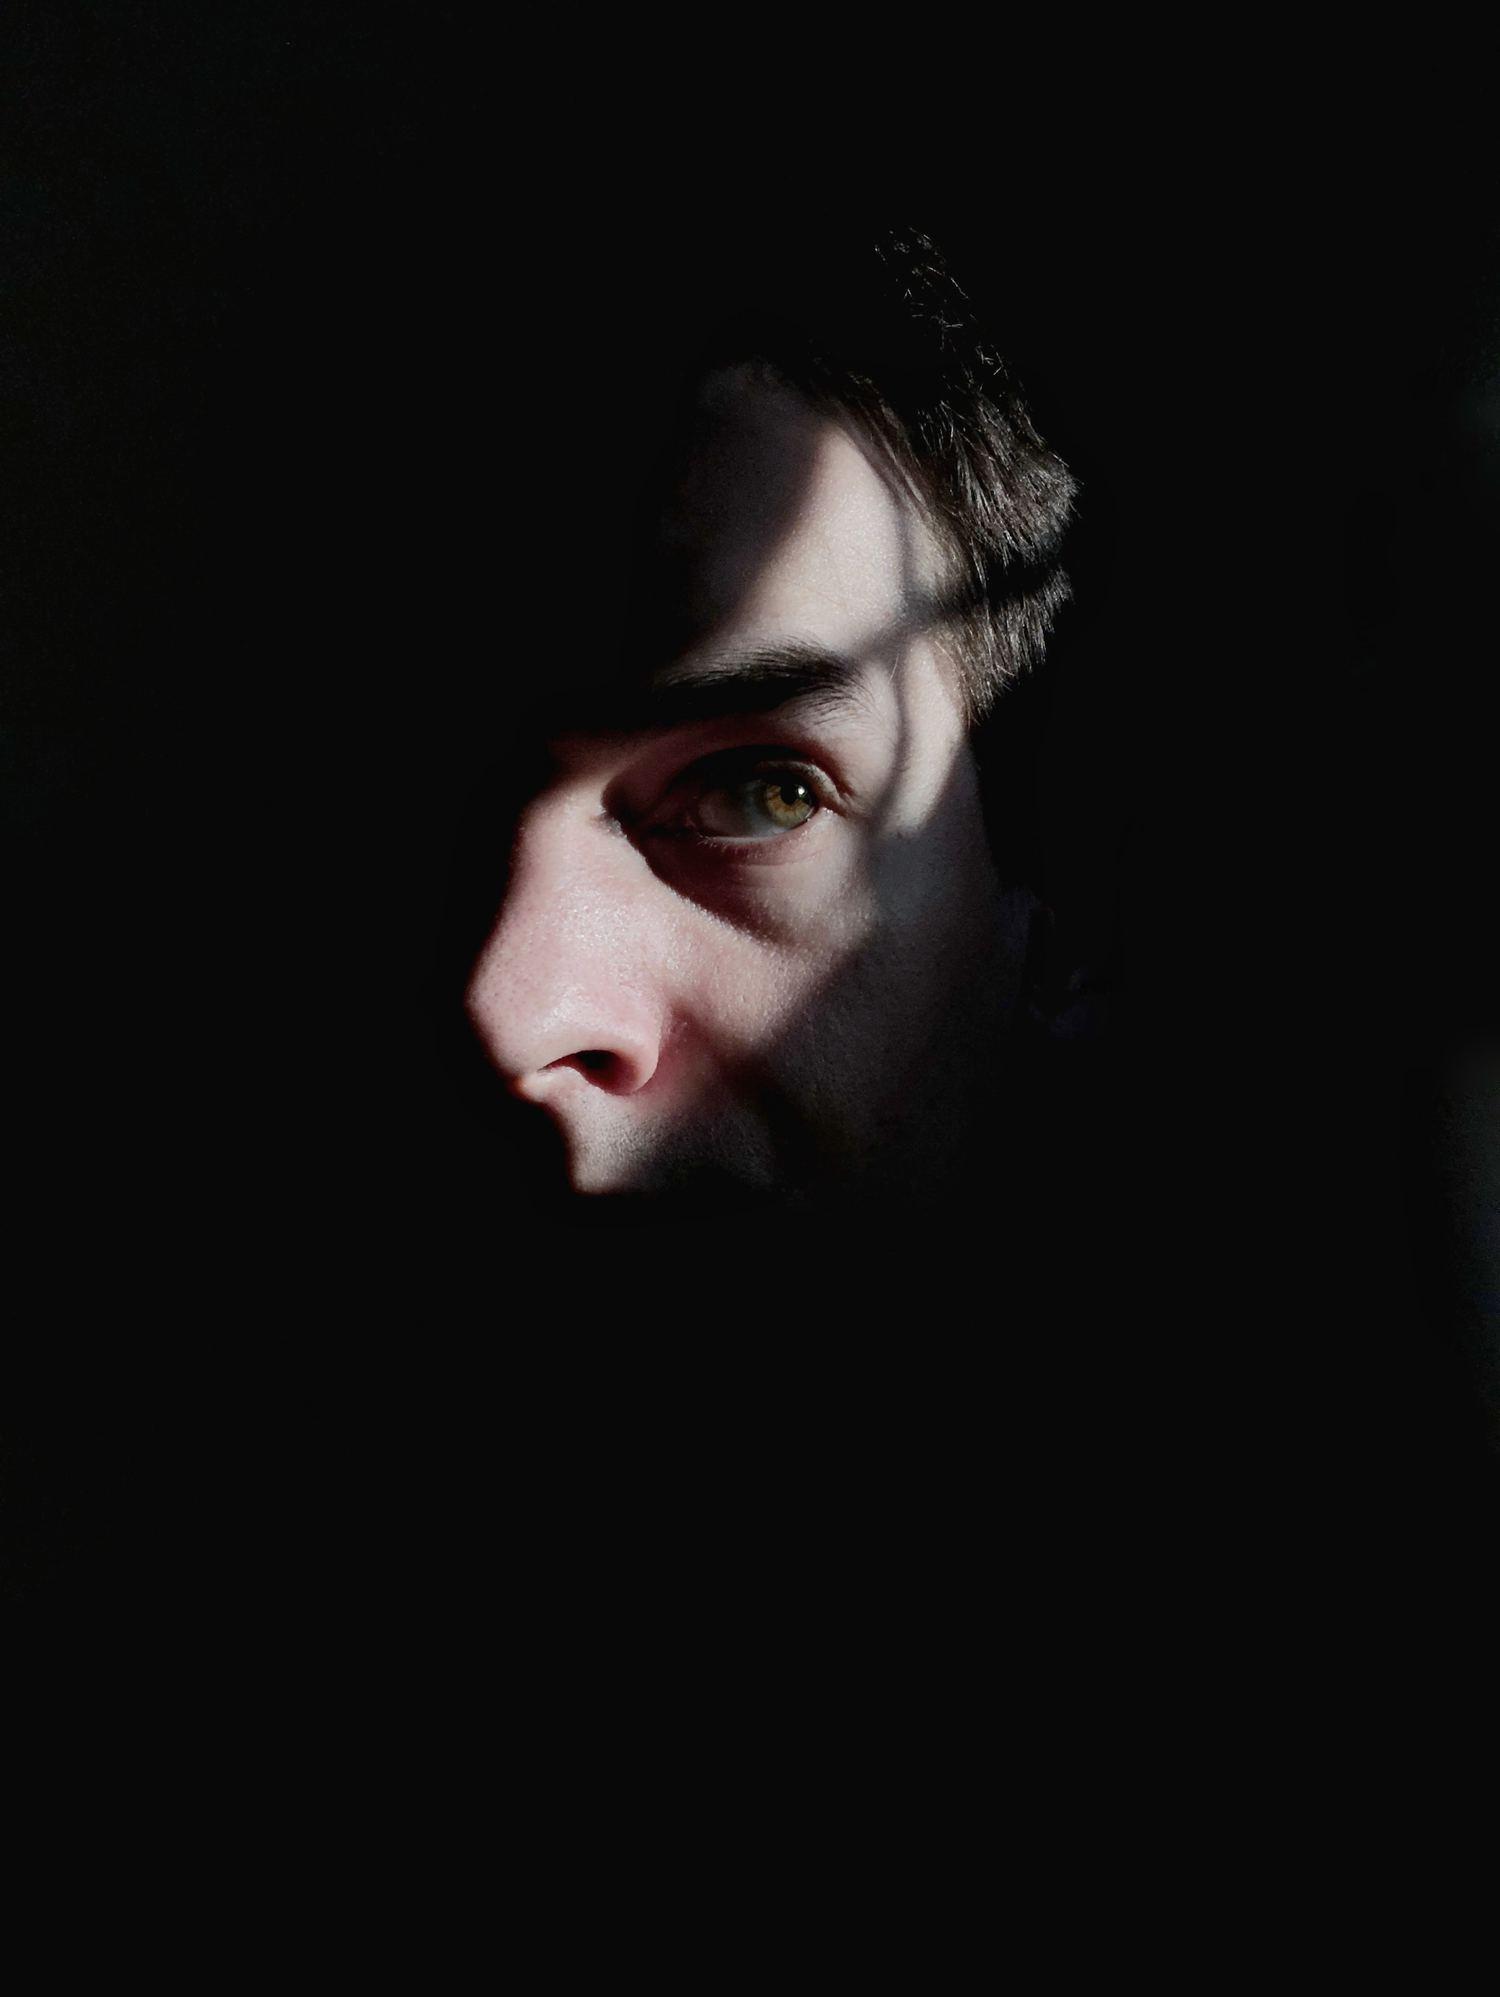 fotografía creativa reflejo luz en un ojo